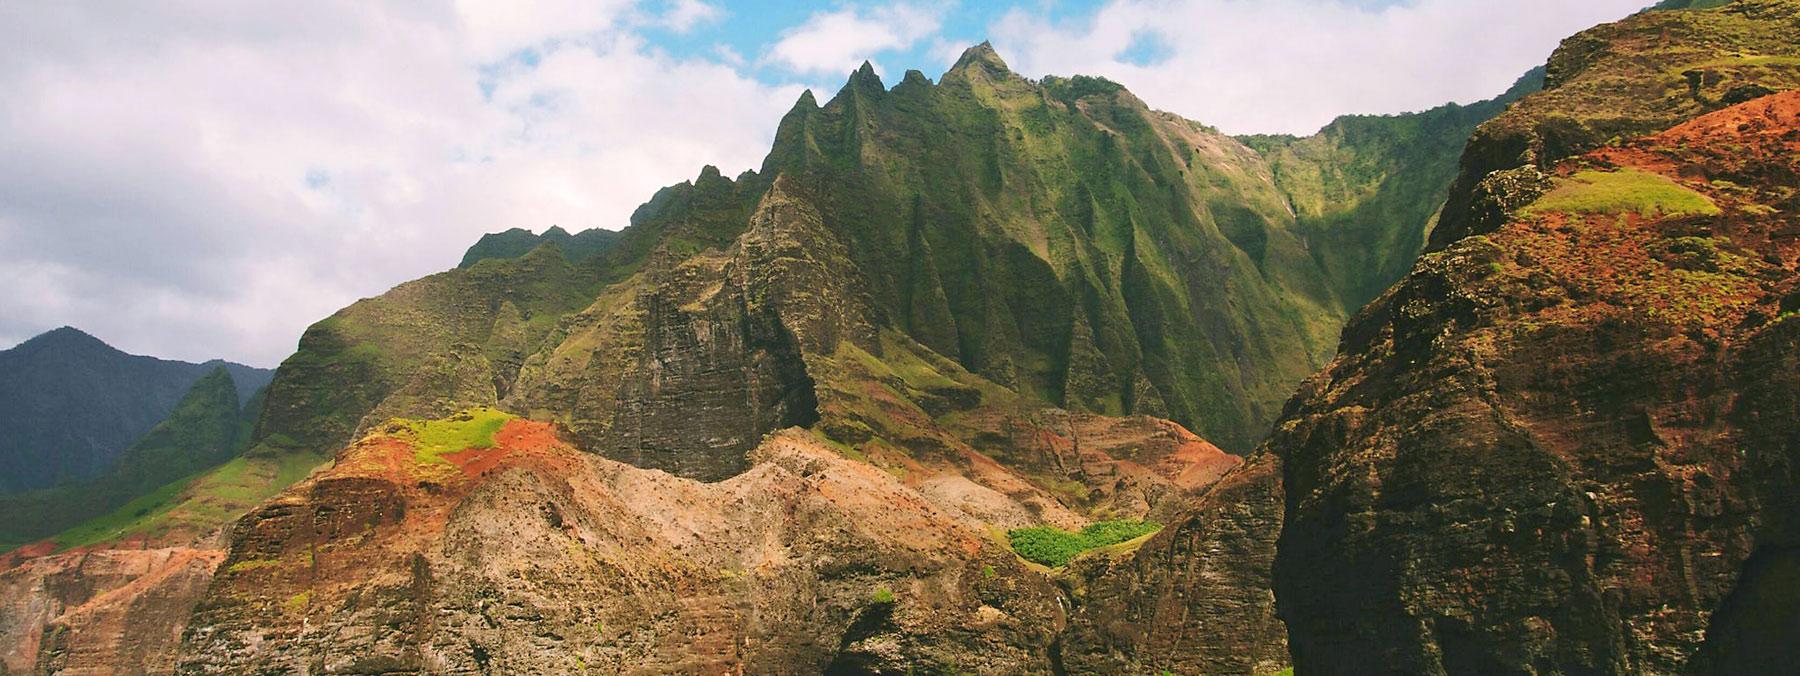 Researcher on the Hawaiian Islands